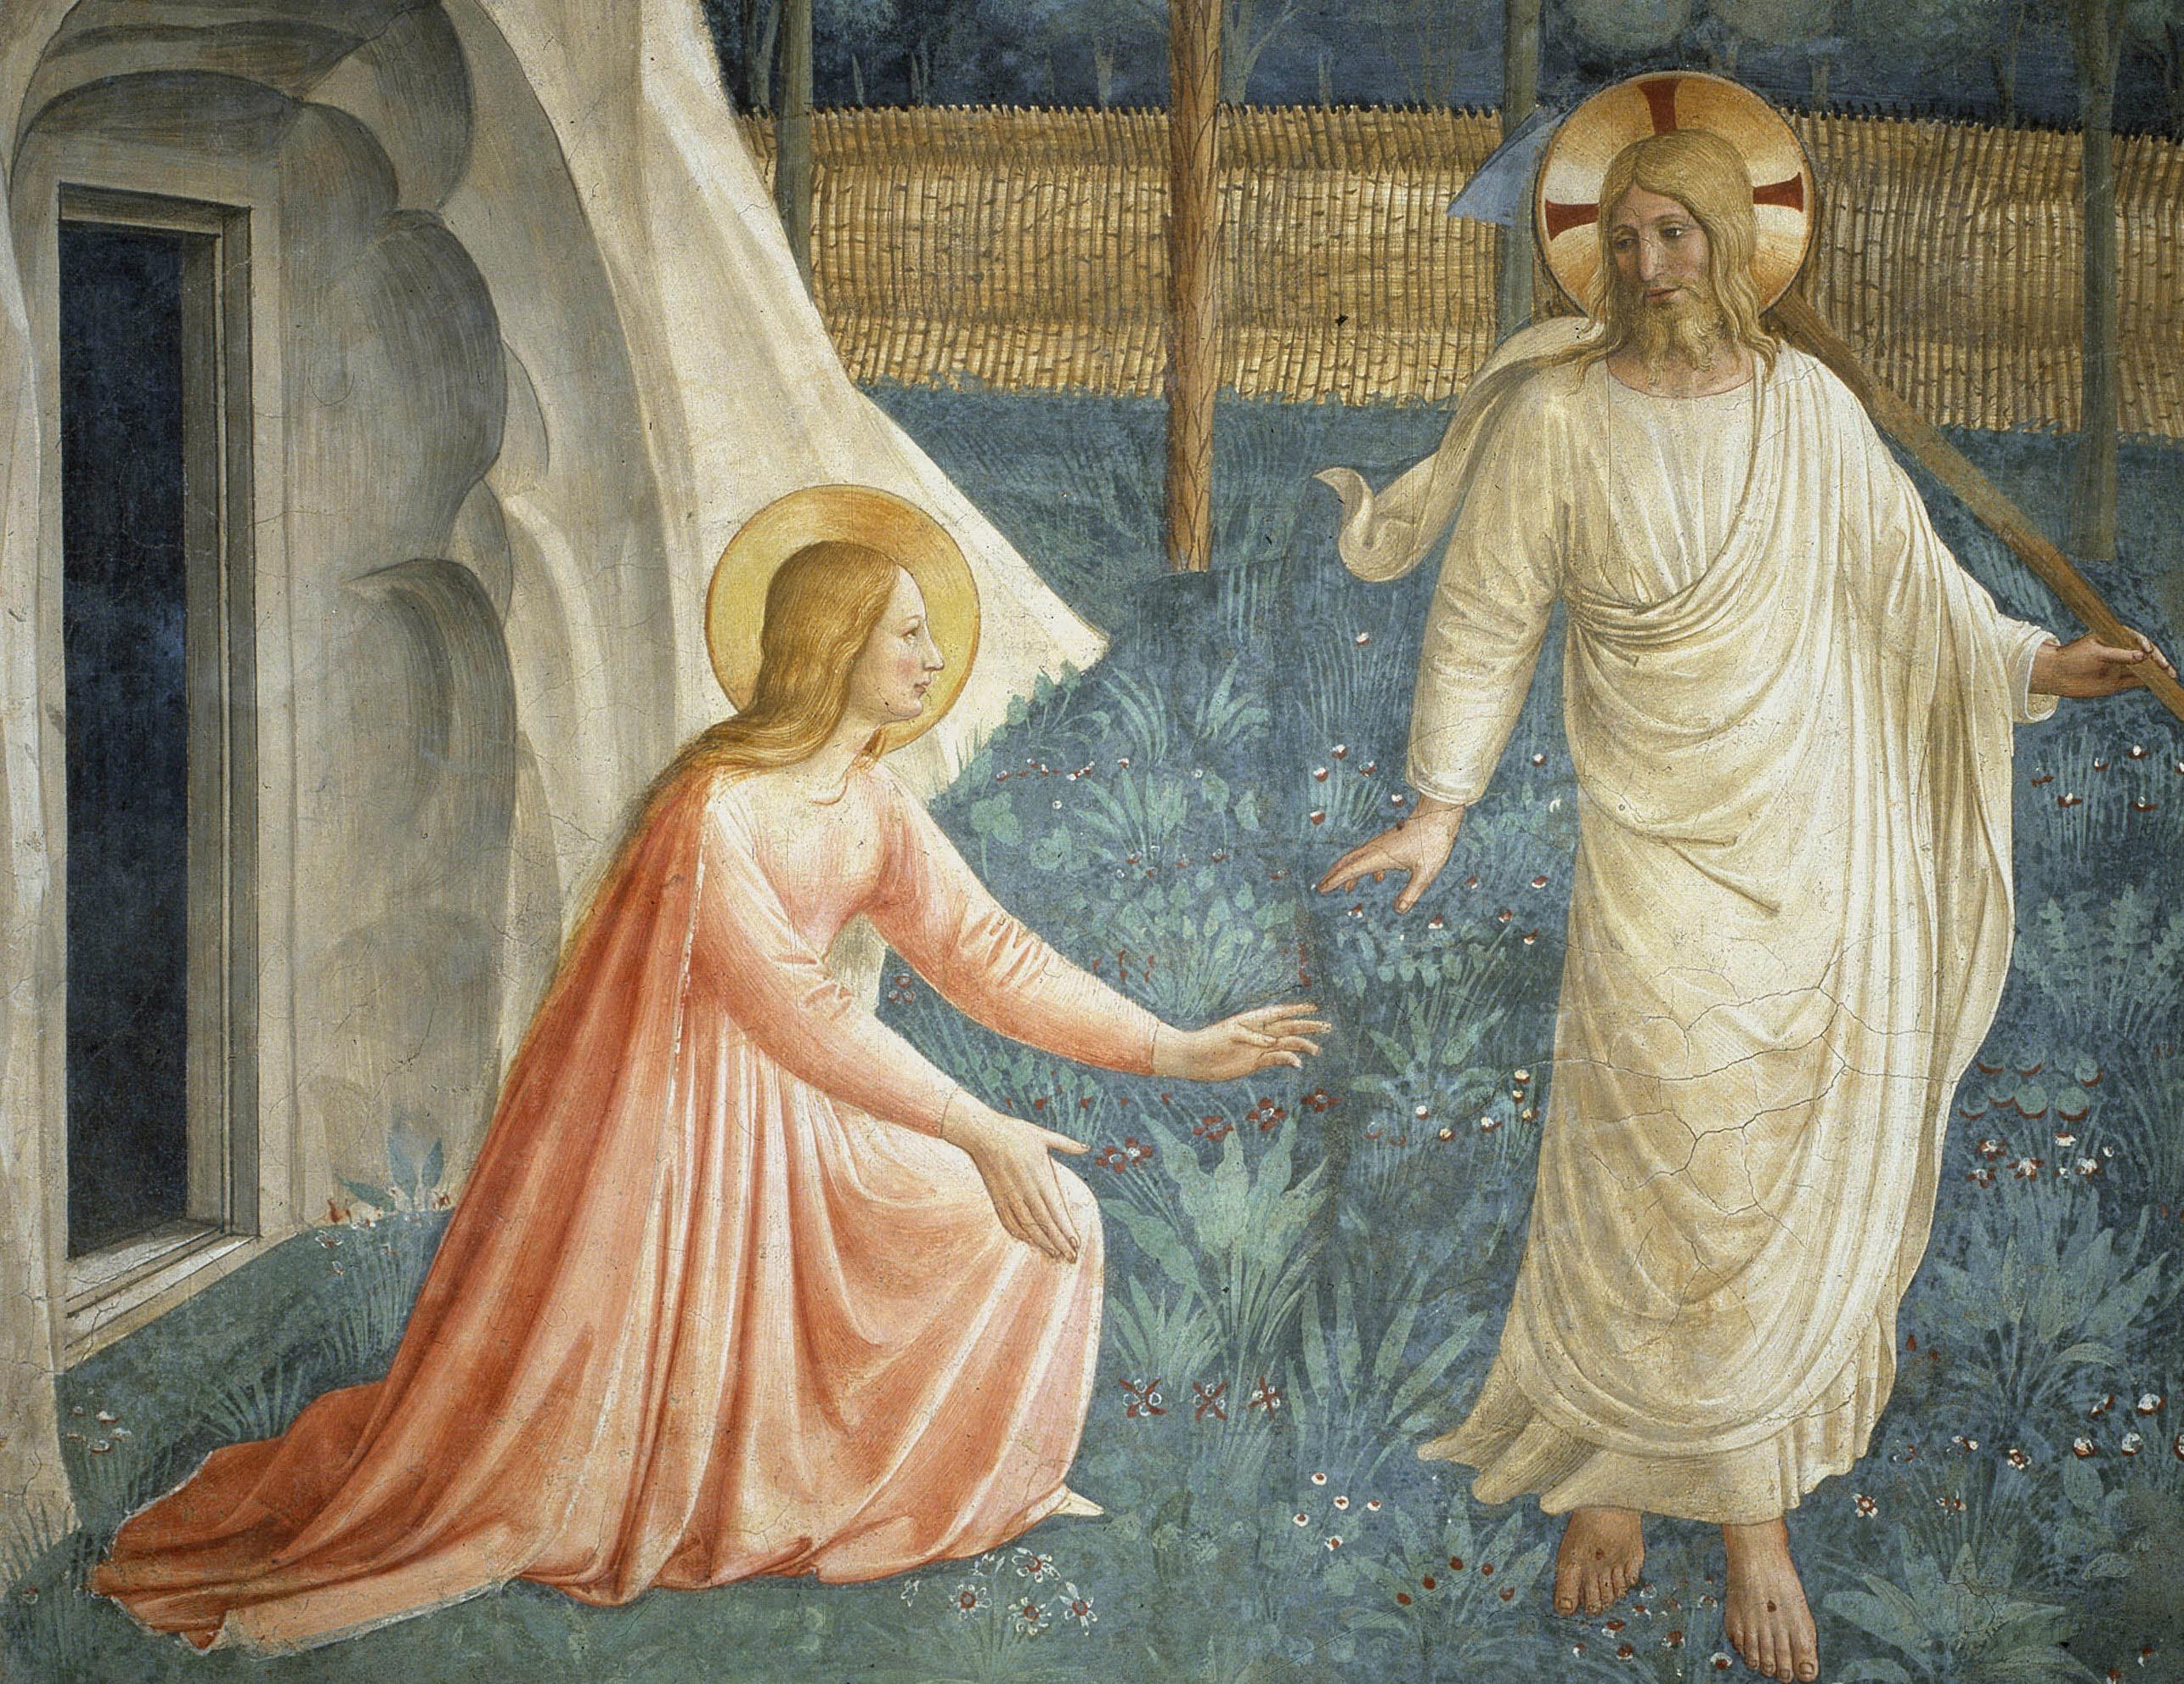 Jesus Christ ressuscité refuse d'être touché par Sainte Marie Madeleine. Fresque de Guido di Pietro (ou Fra Giovanni da Fiesole) dit Fra Angelico ou il Beato (1400-1455), 1442.